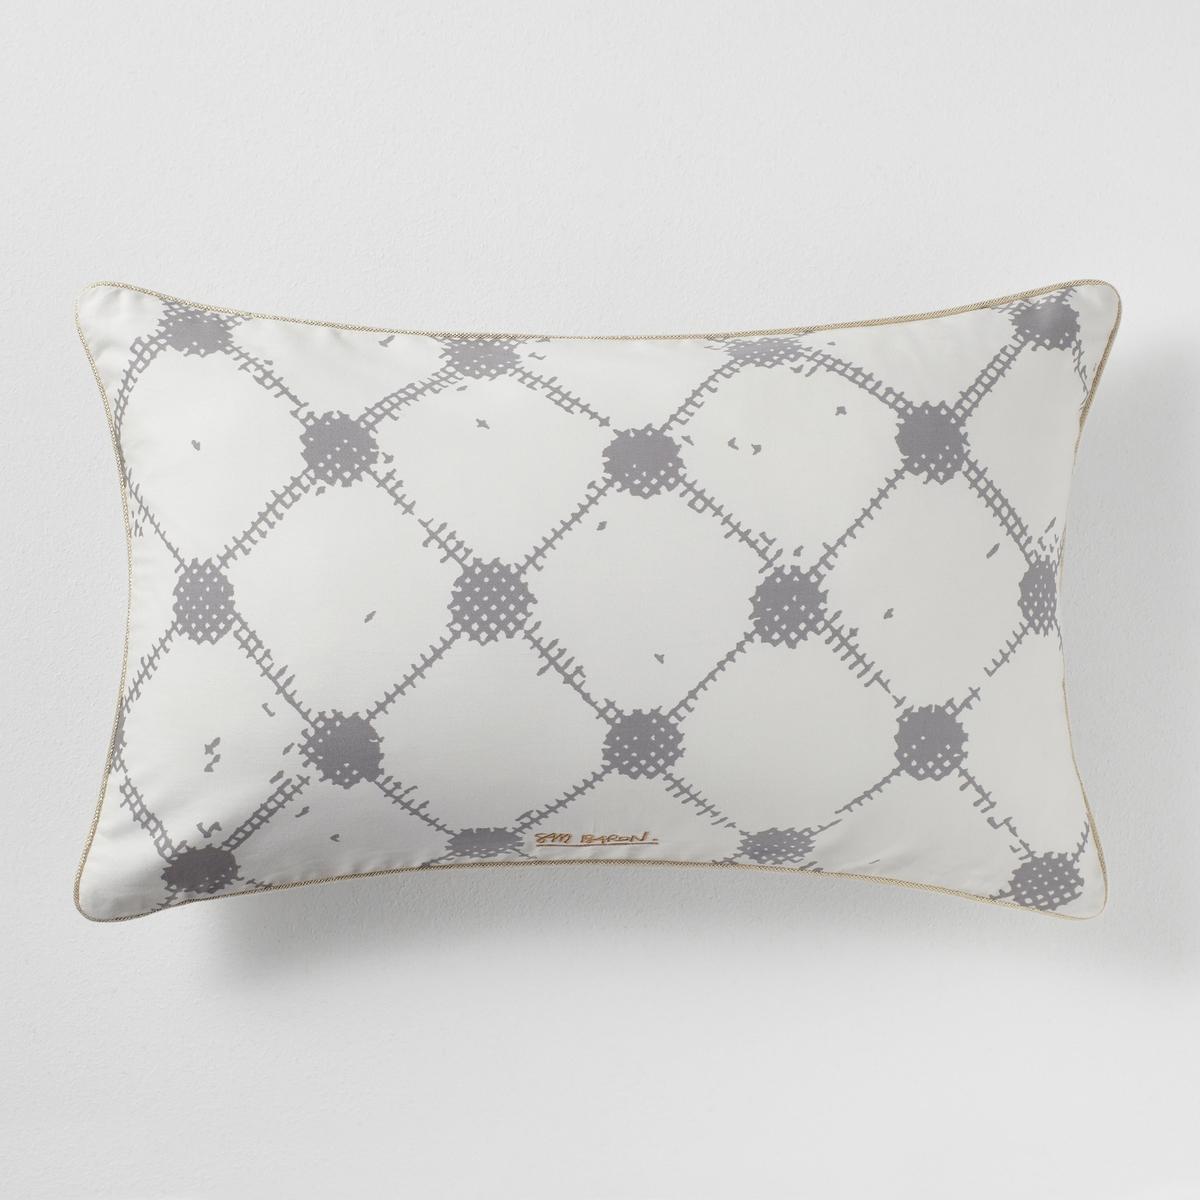 Чехол для подушки, прямоугольный, Sam Baron